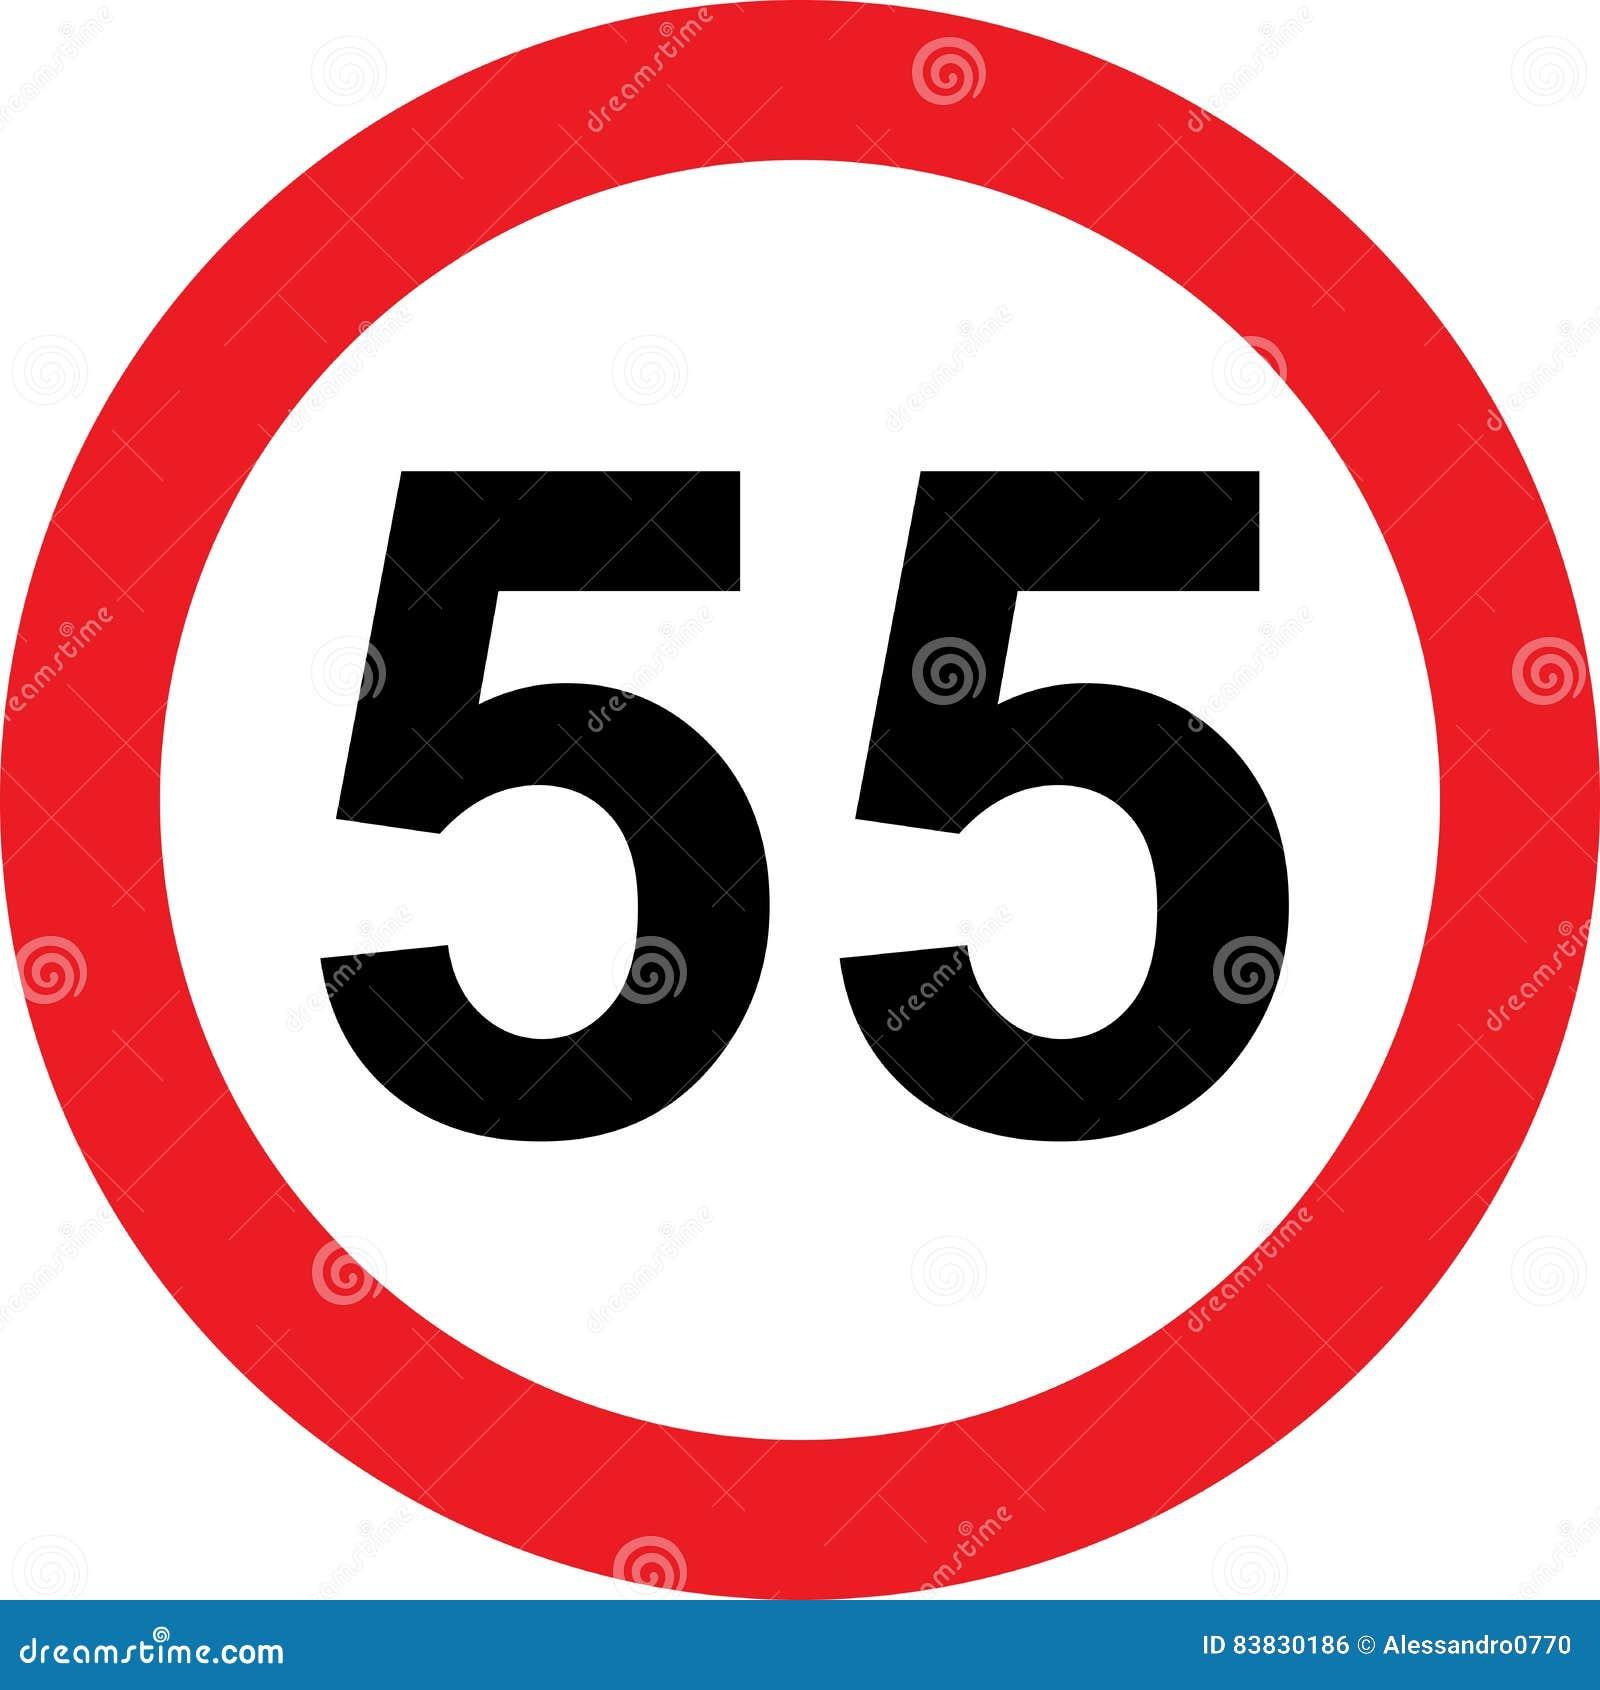 Segnale stradale di limitazione di 55 velocità